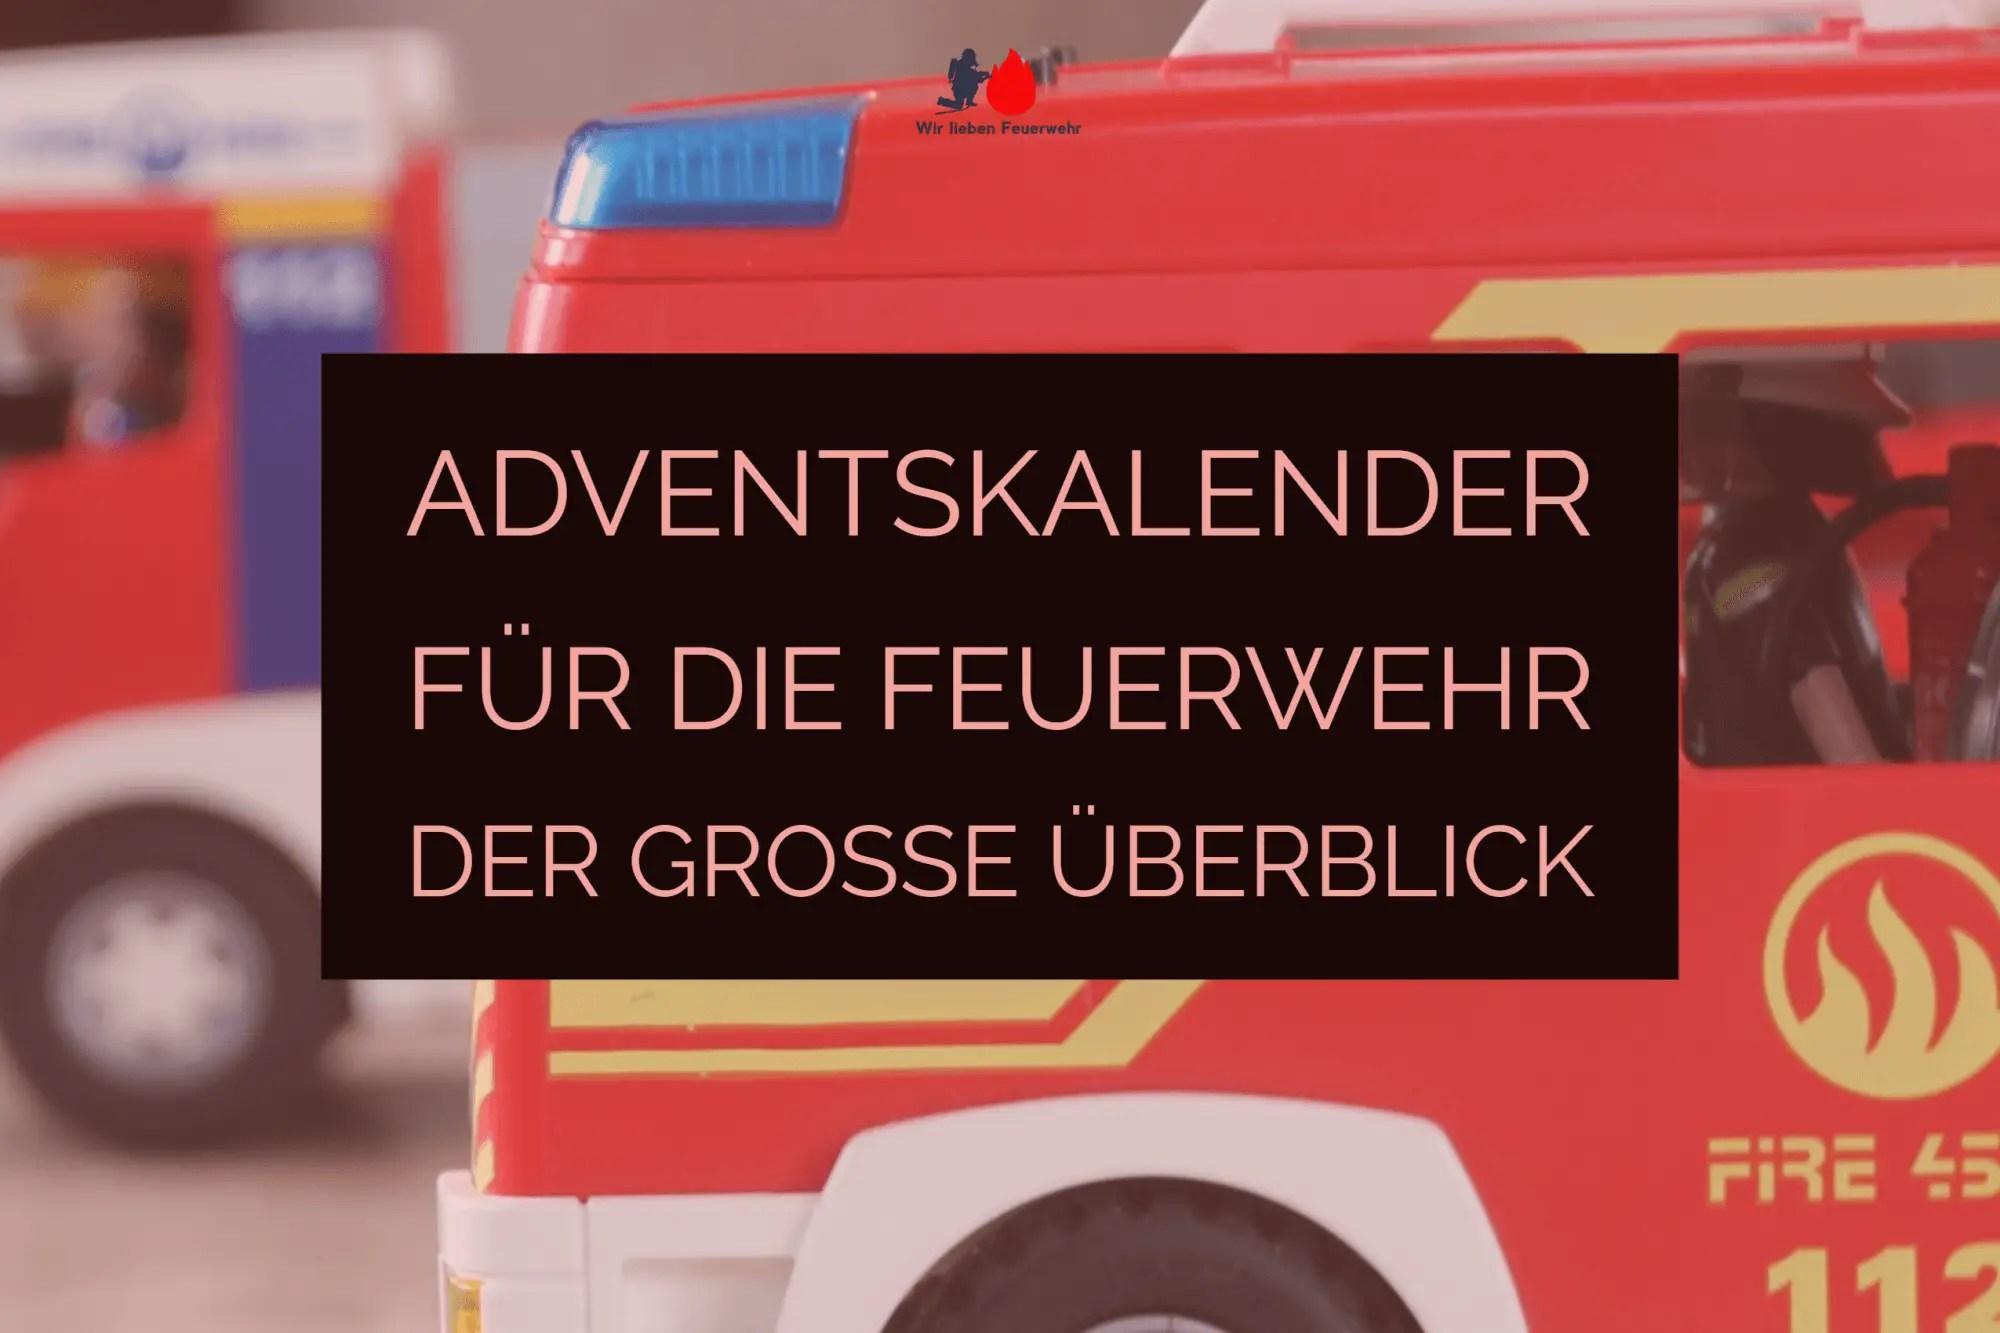 Adventskalender für die Feuerwehr - der große Überblick